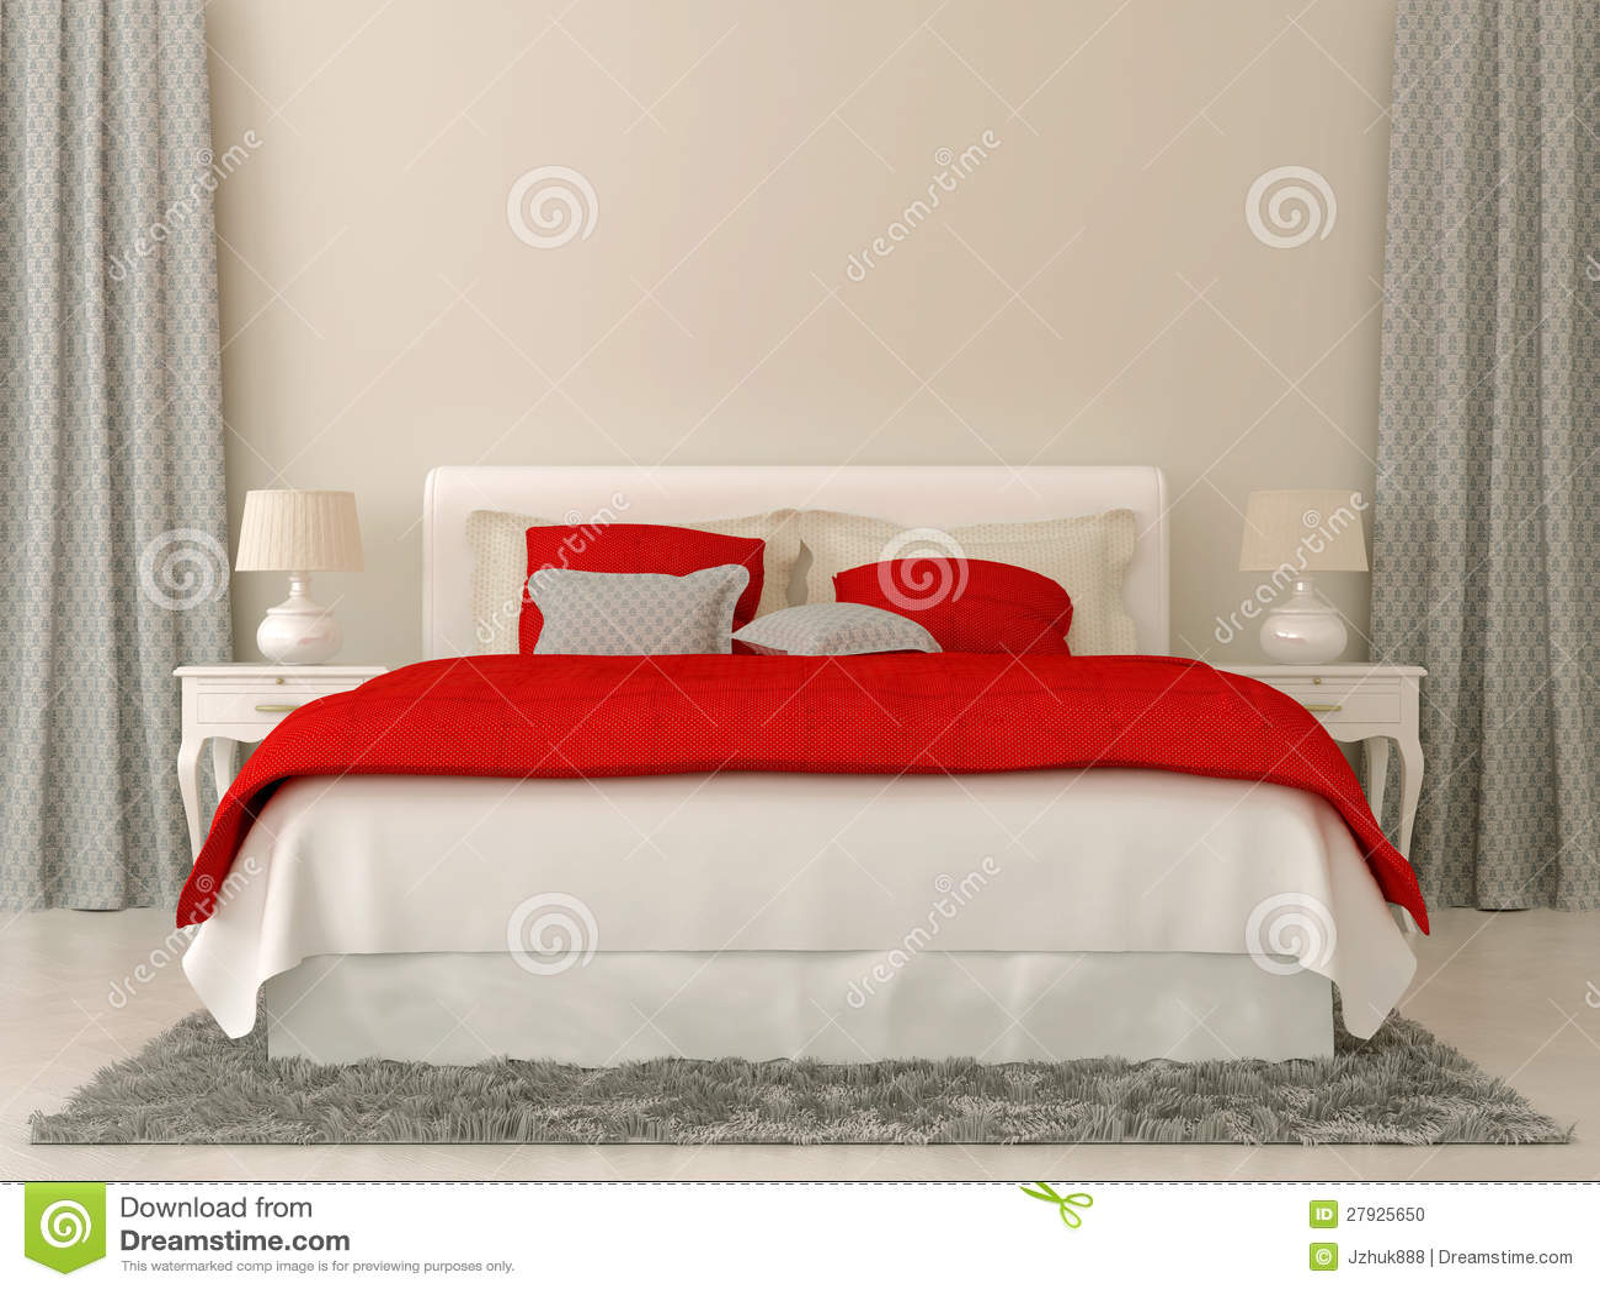 Keuken werkblad interieur meubilair idee n - Beeld decoratie slaapkamer ...